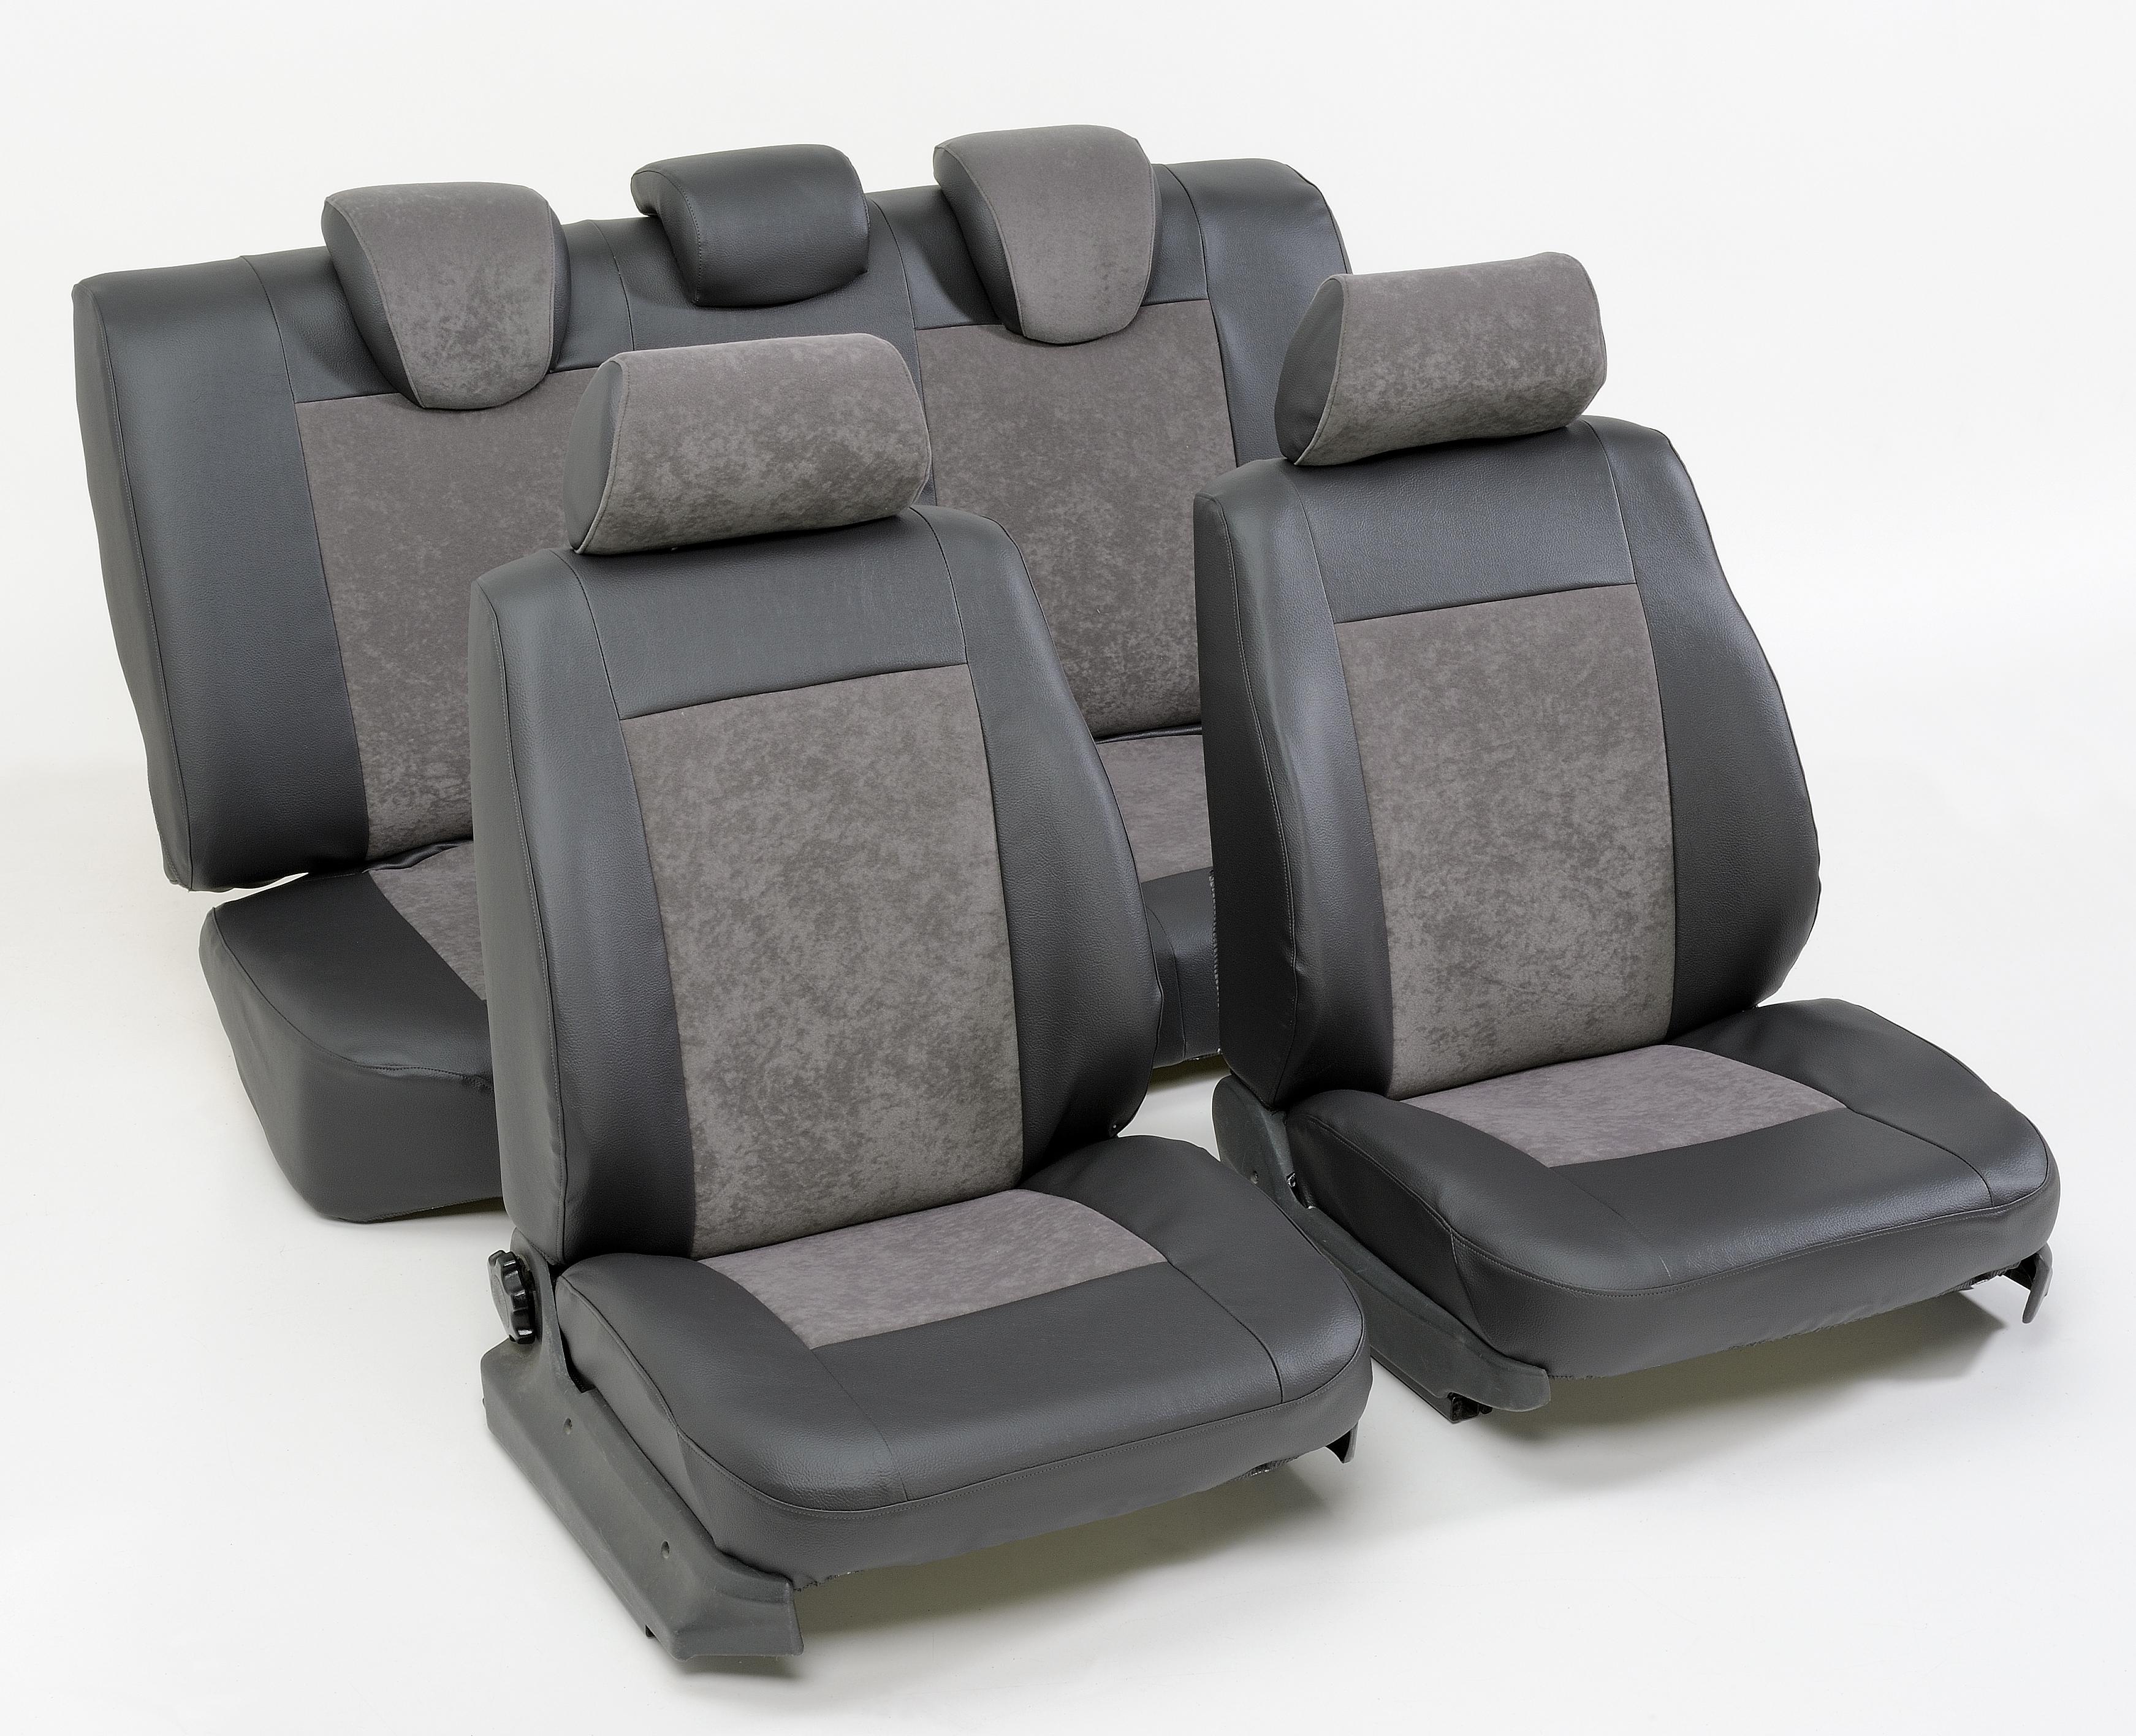 elige las fundas para tu coche consejos norauto. Black Bedroom Furniture Sets. Home Design Ideas